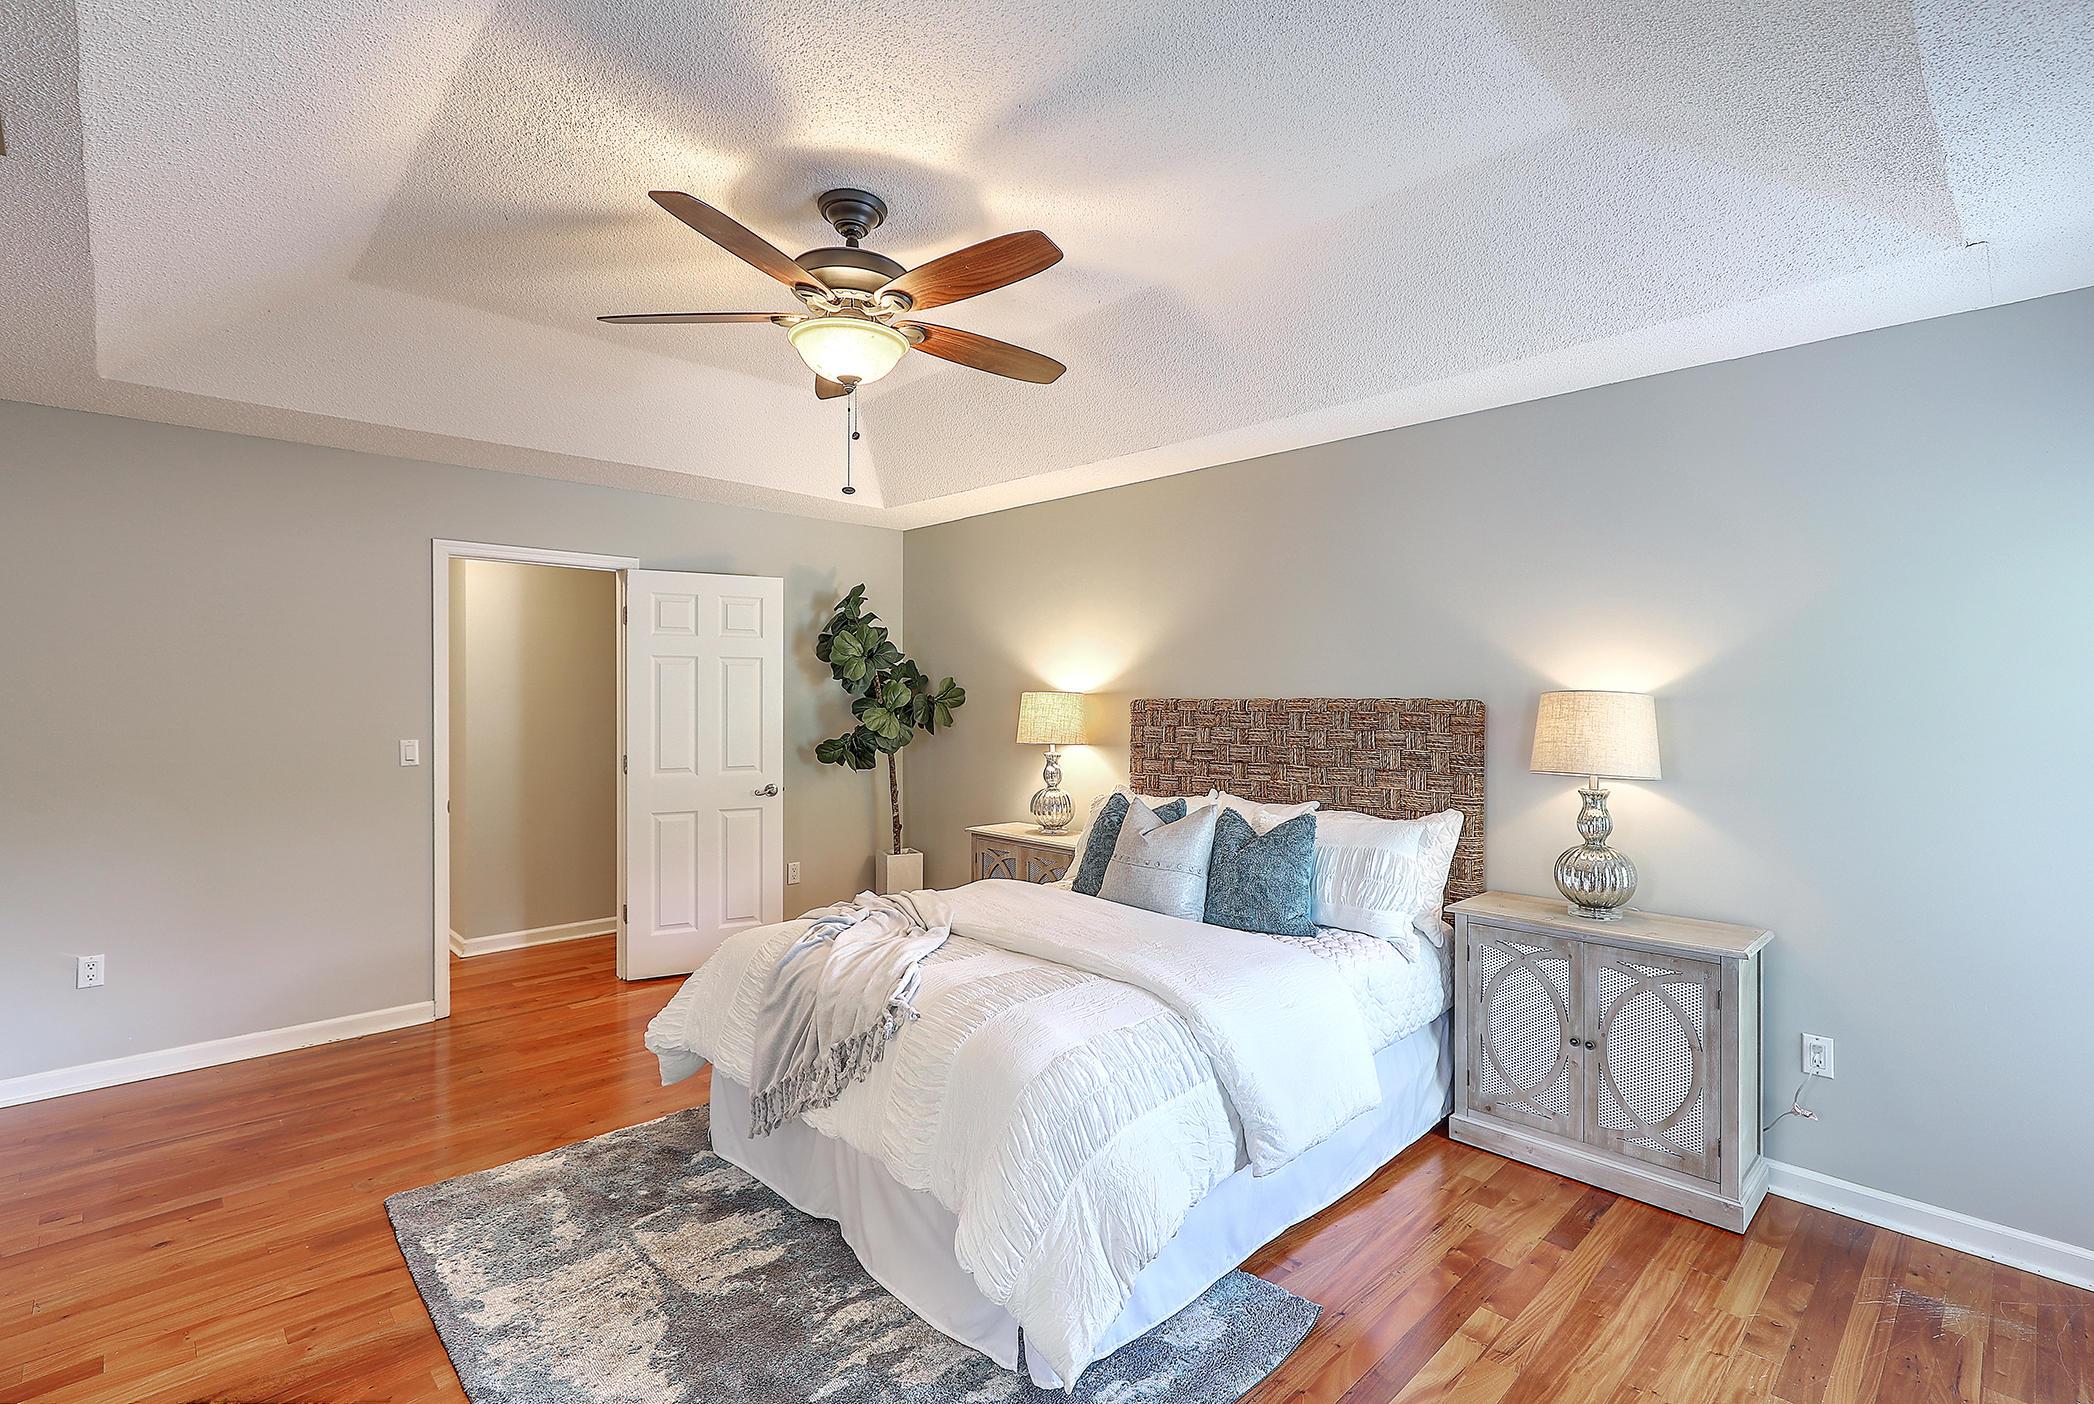 Coopers Landing Homes For Sale - 1474 Hidden Bridge, Mount Pleasant, SC - 37